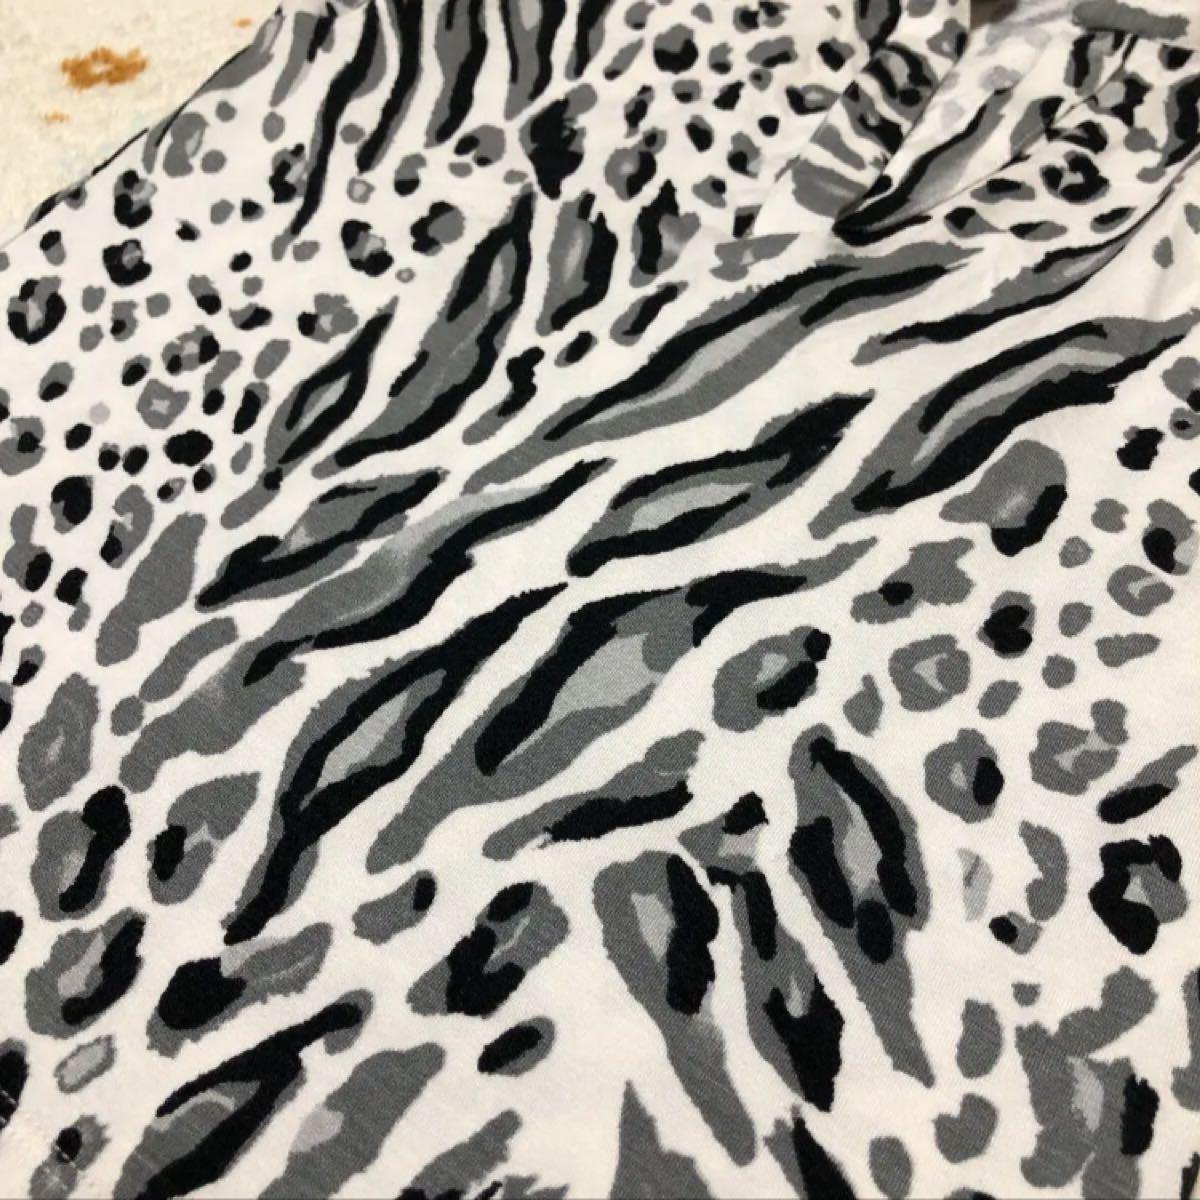 伸縮性 着やすい カットソー 豹柄 アニマル柄